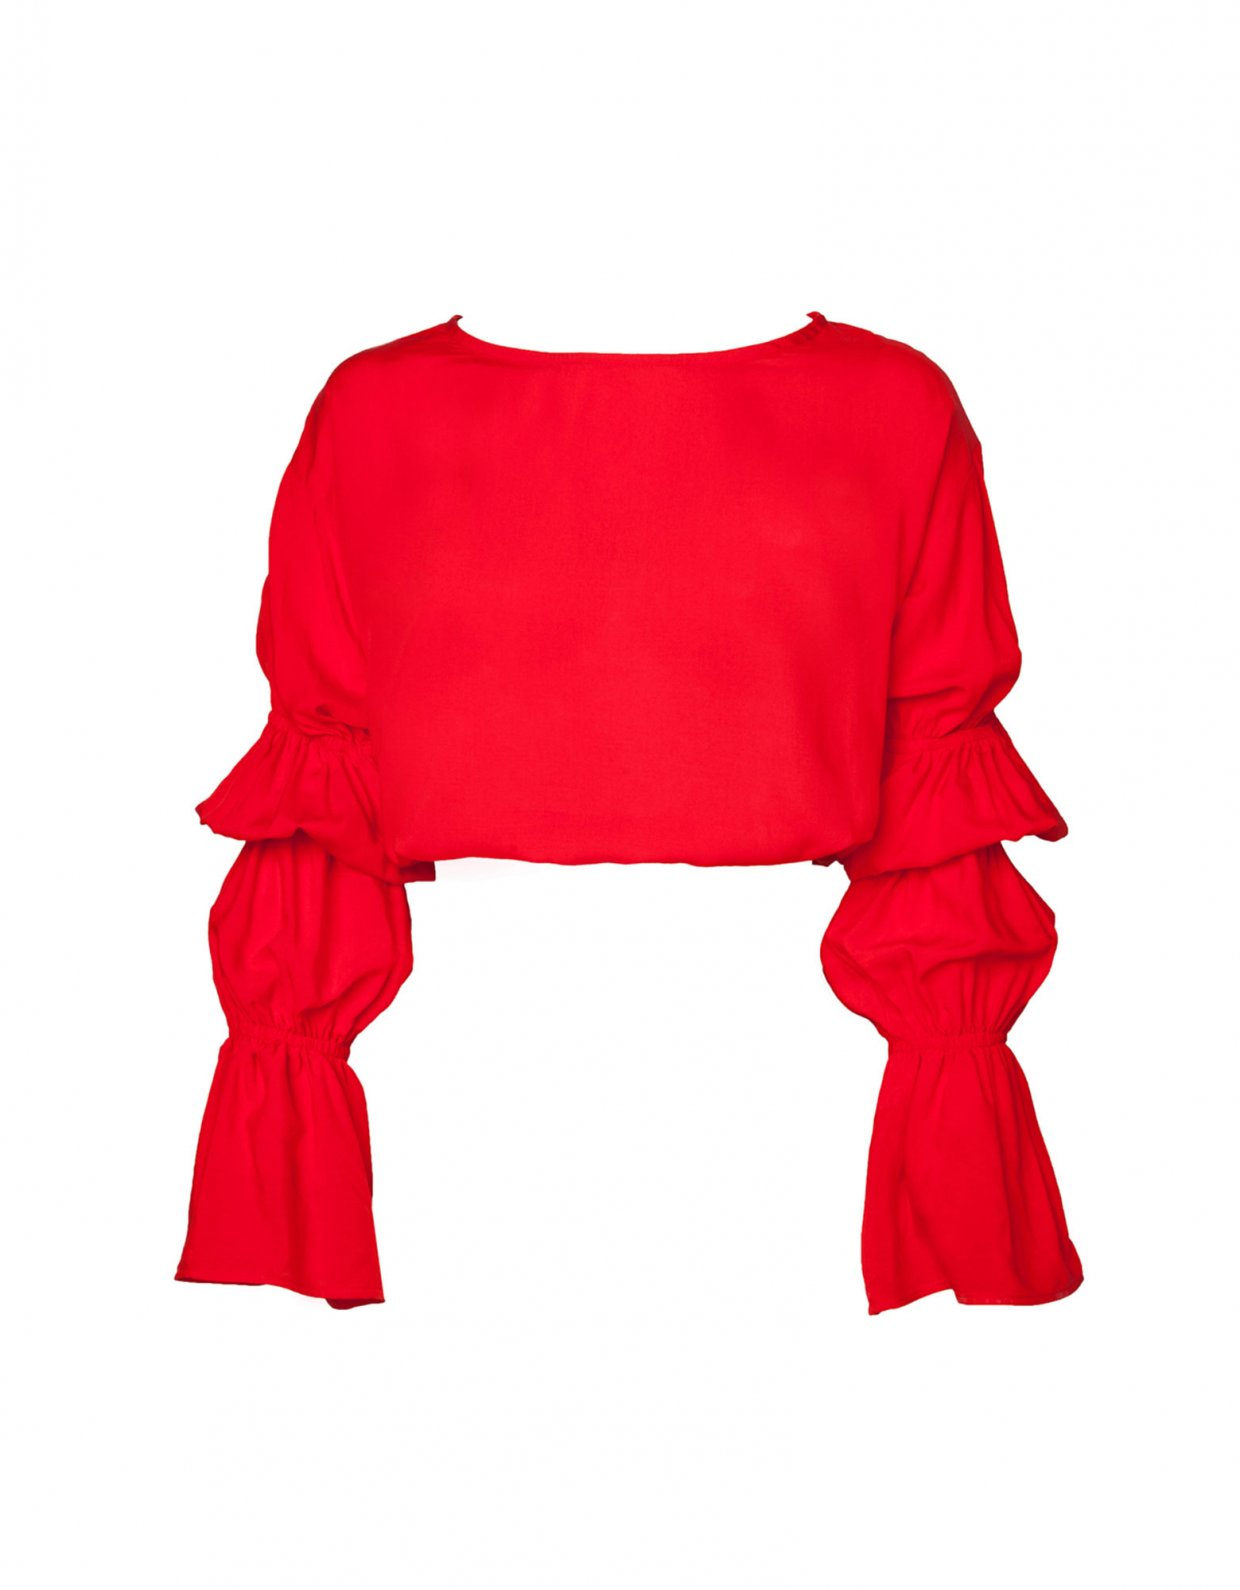 Lookseri swimwear Salerno top red